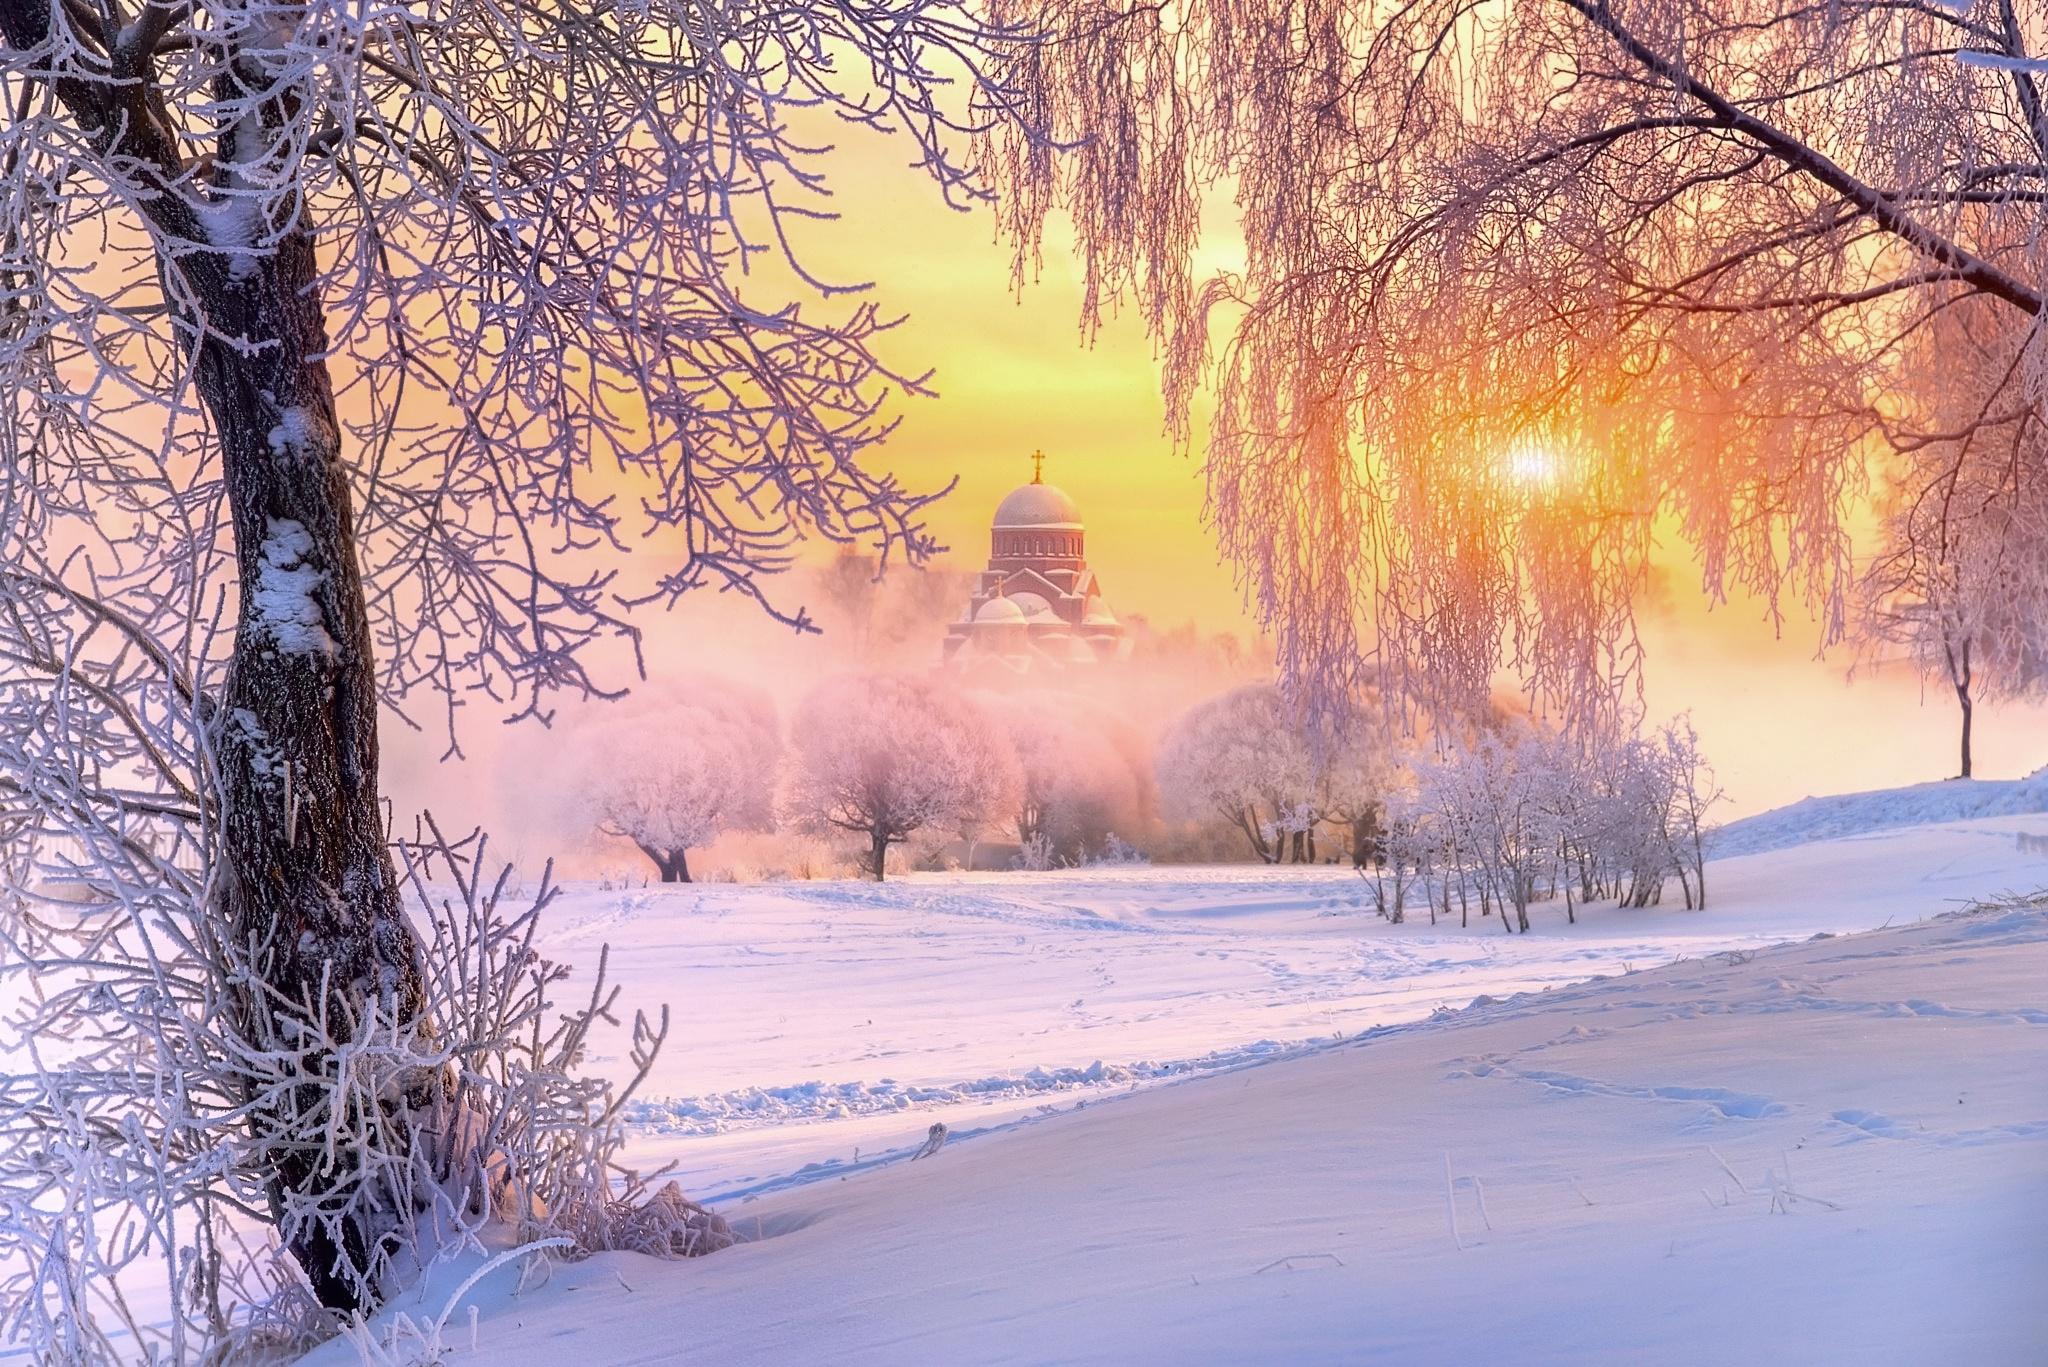 спустя снежная зима в россии фото расскажу людях, которые